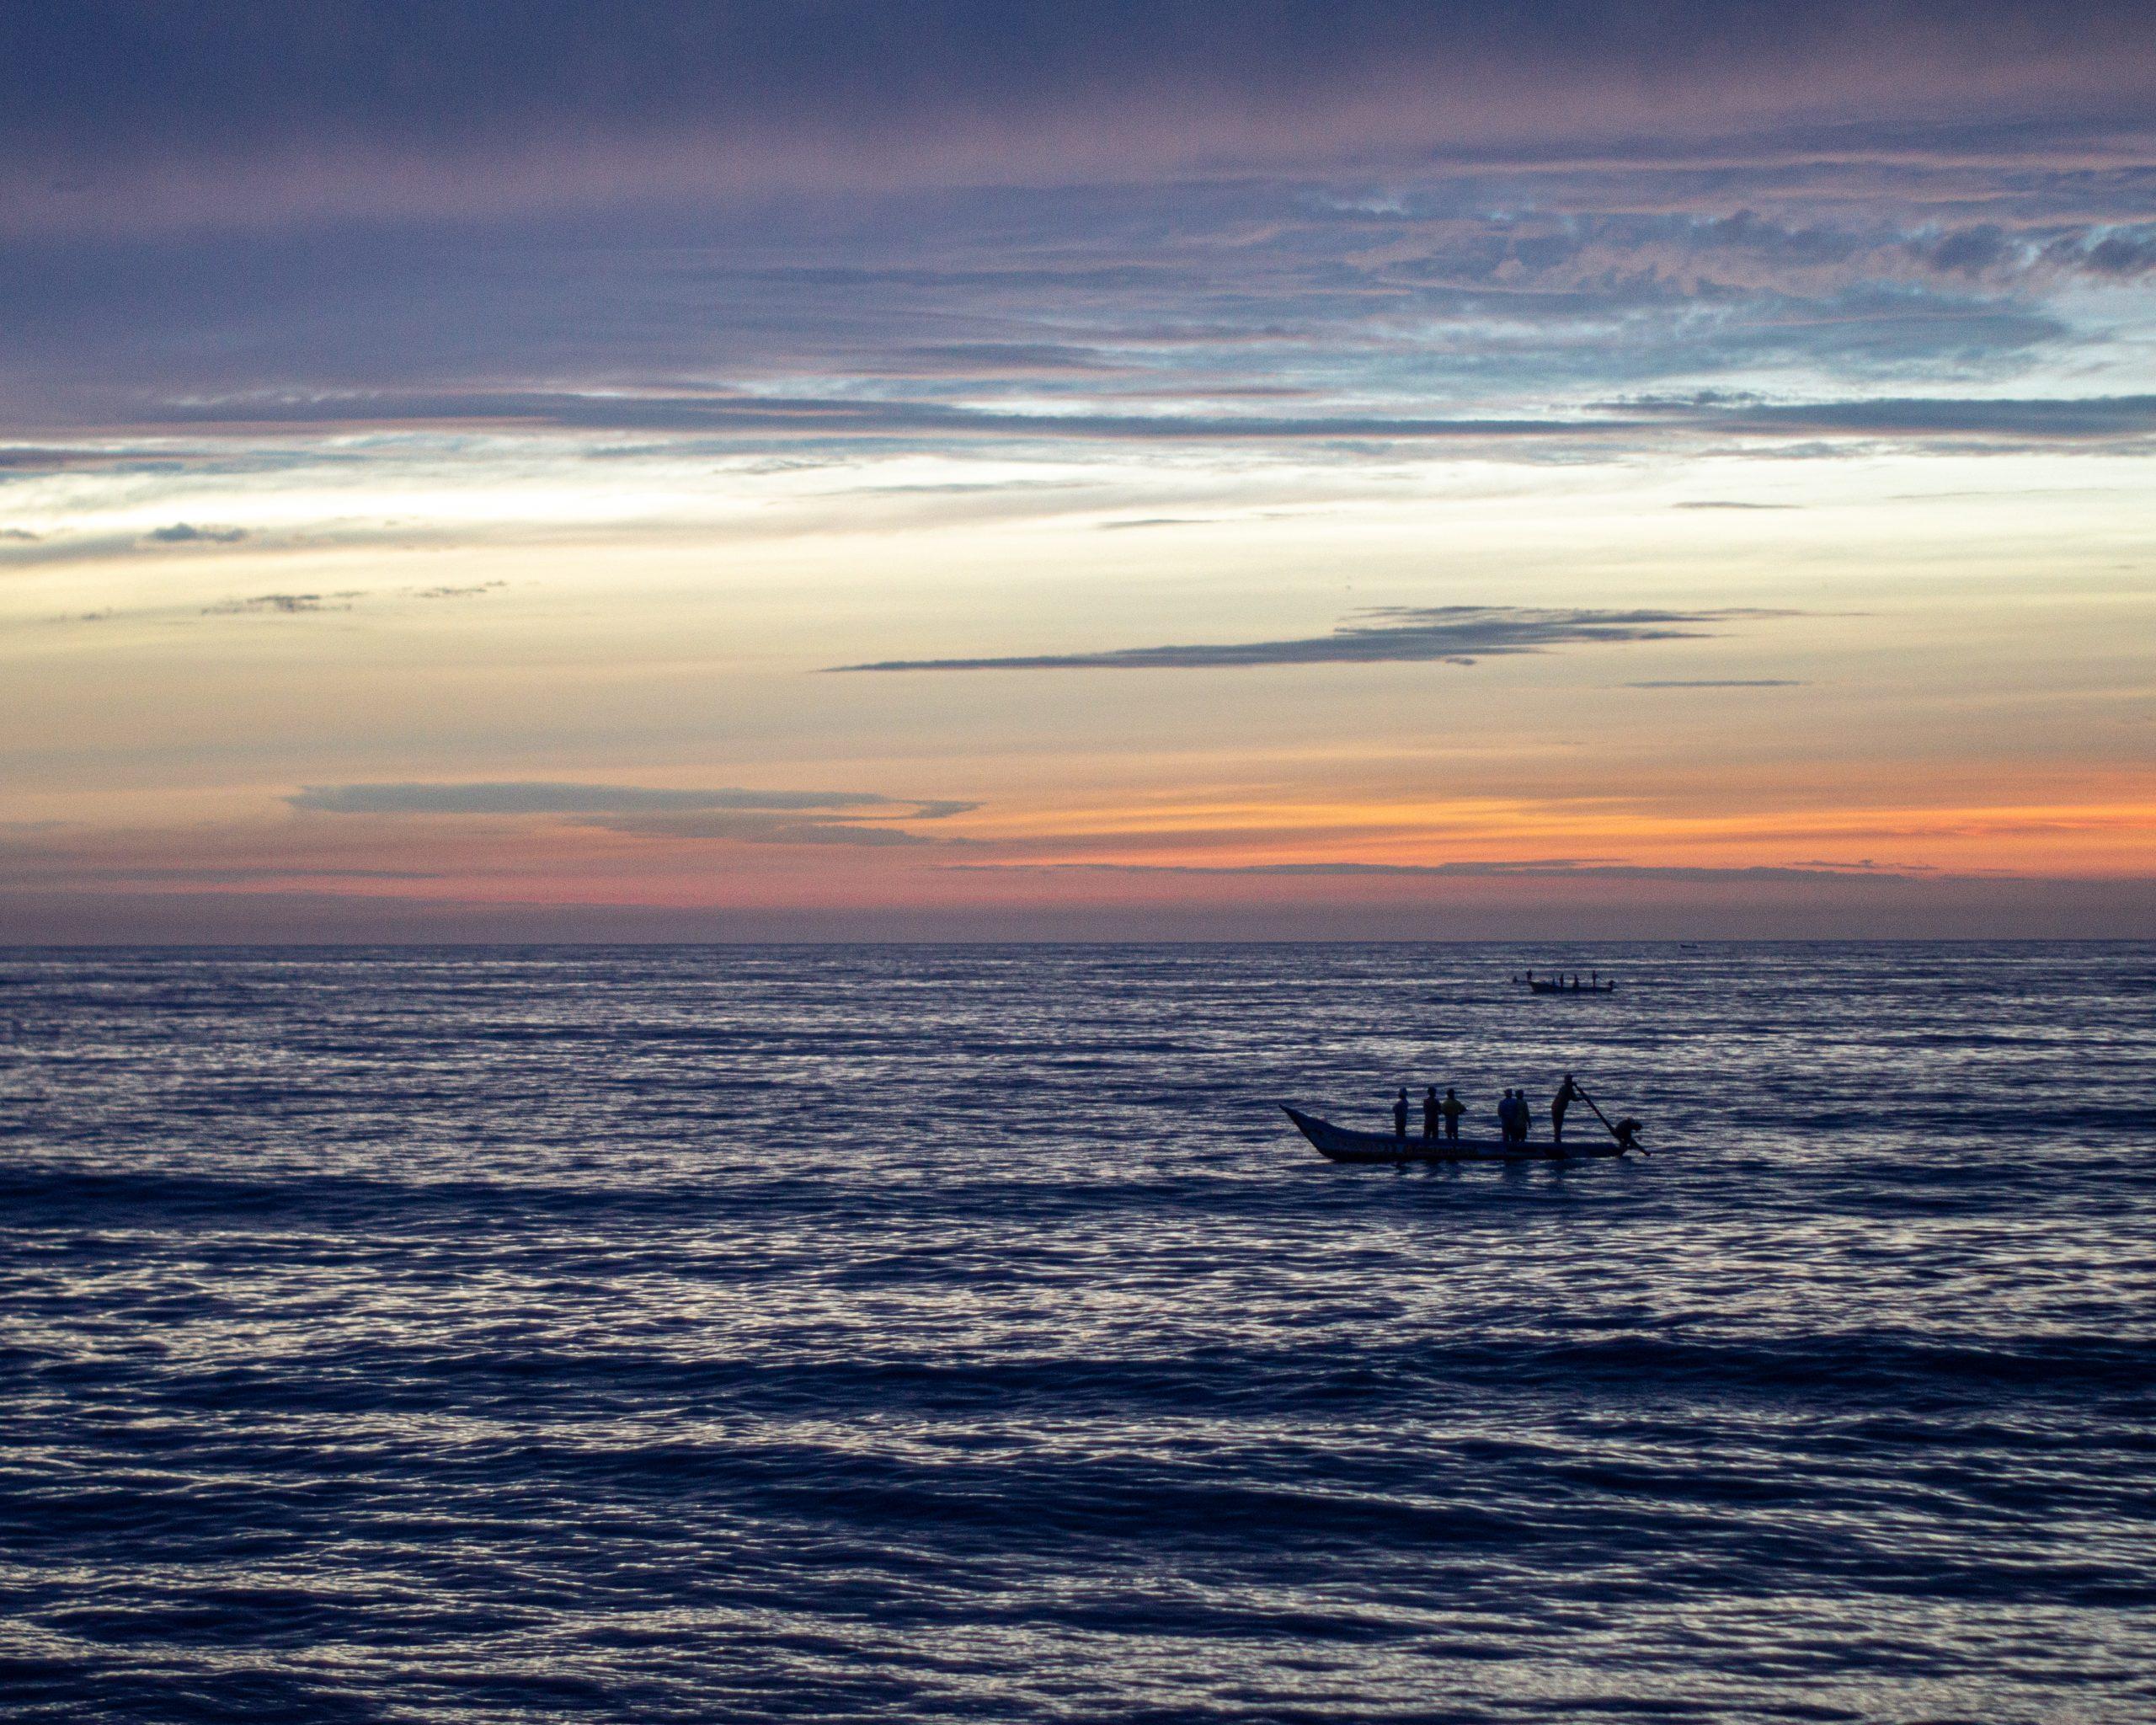 Ocean's Afterglow